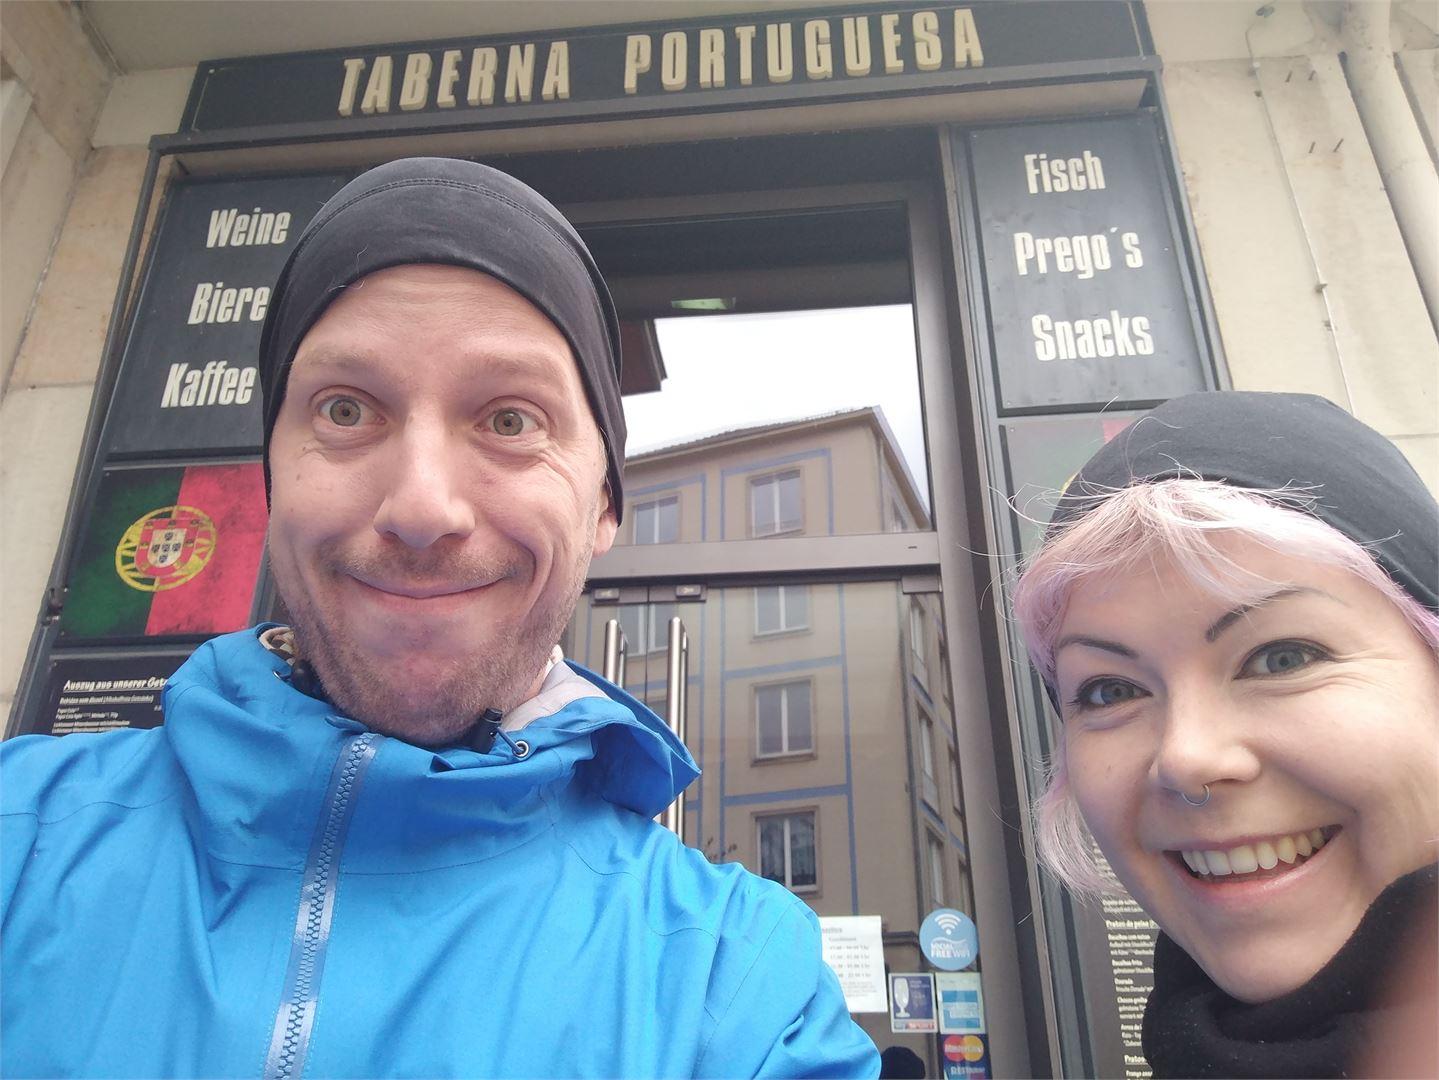 Välillä nopeiden wifien löytäminen on vaikeaa. Tässä Sara ja Joni seisoivat puolisen tuntia ladaten offline-karttoja ennen Tsekin rajan ylitystä.